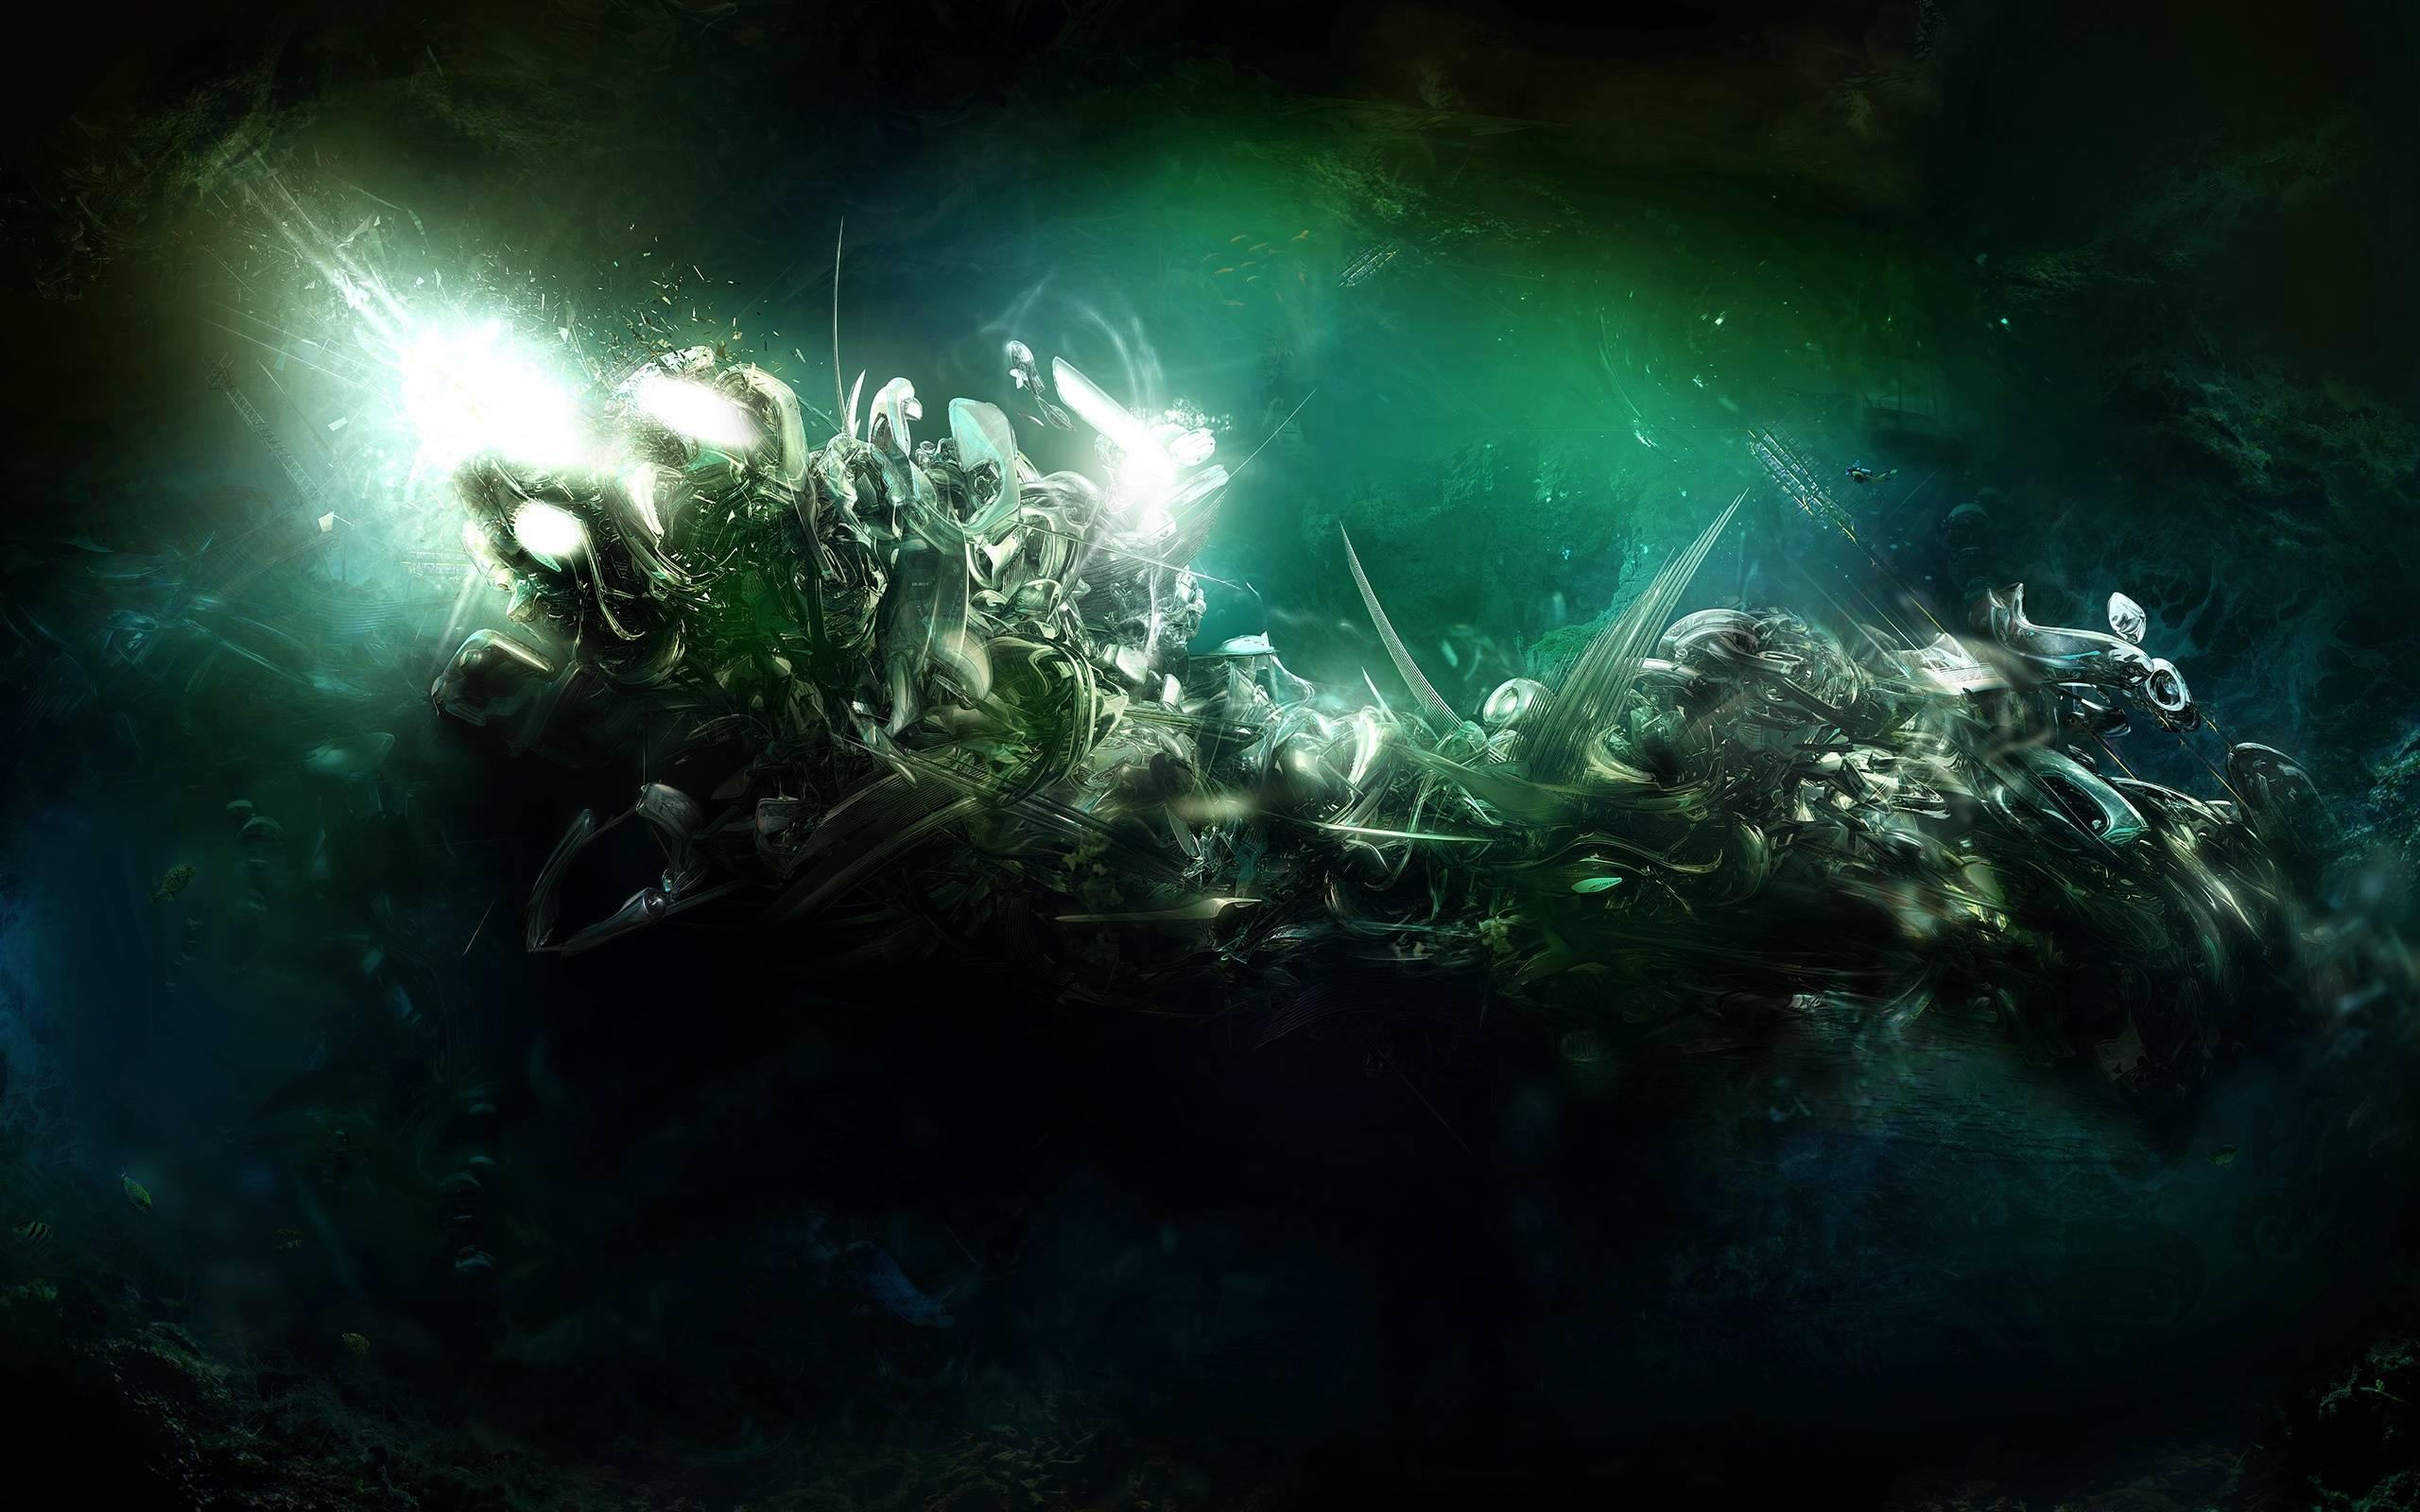 Графика под водой  № 2252500 без смс